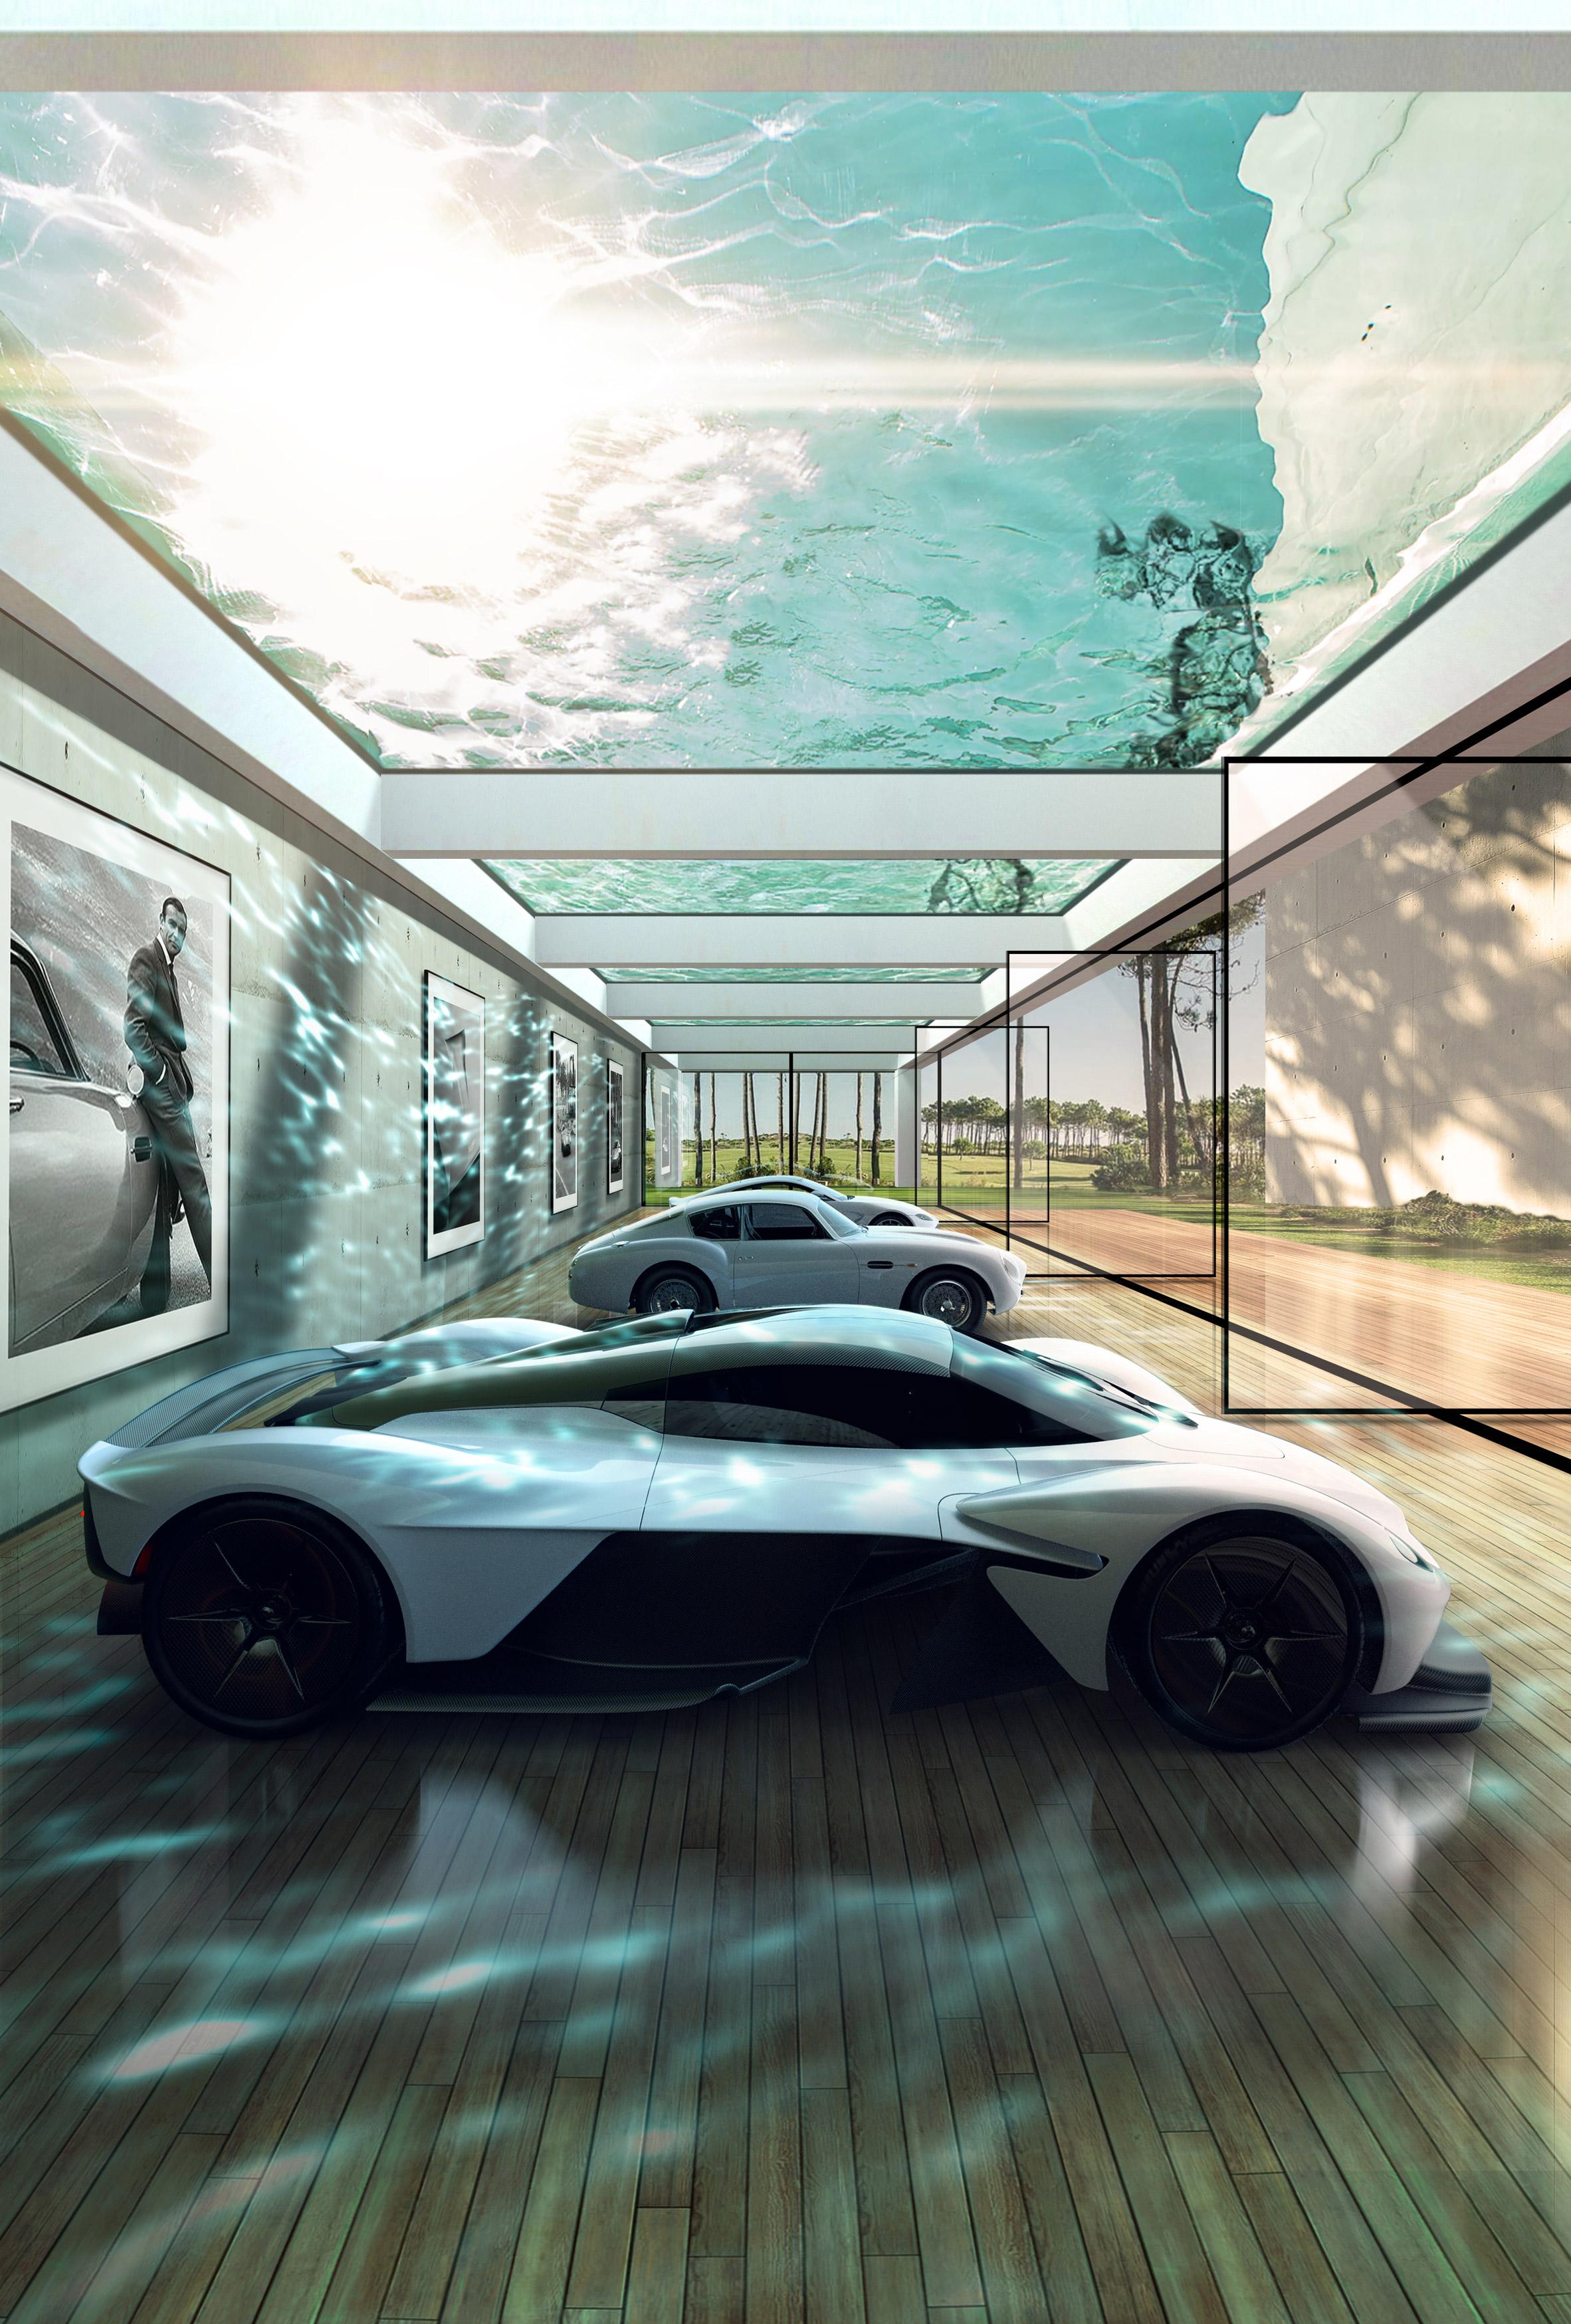 英國超跑品牌Aston Martin推出頂級建築設計服務客製化您的車庫